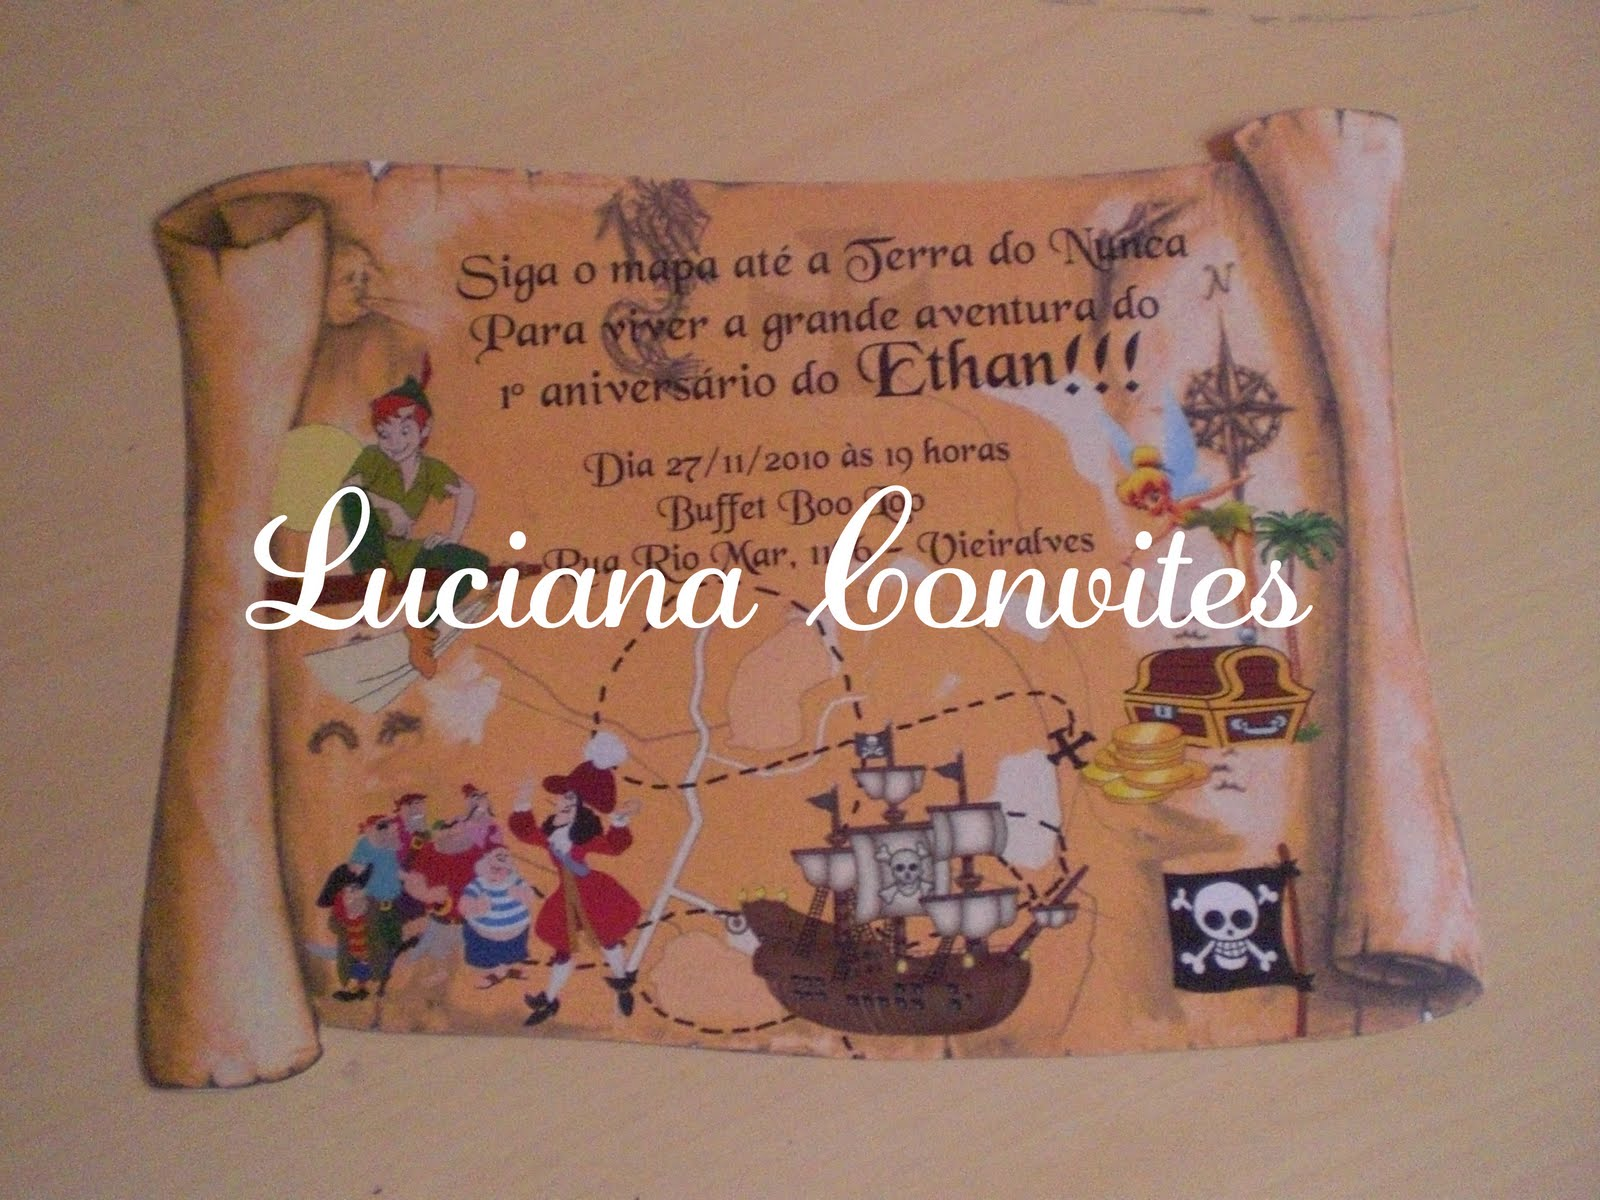 Postado por Luciana Convites Infantis Temáticos às 09:57